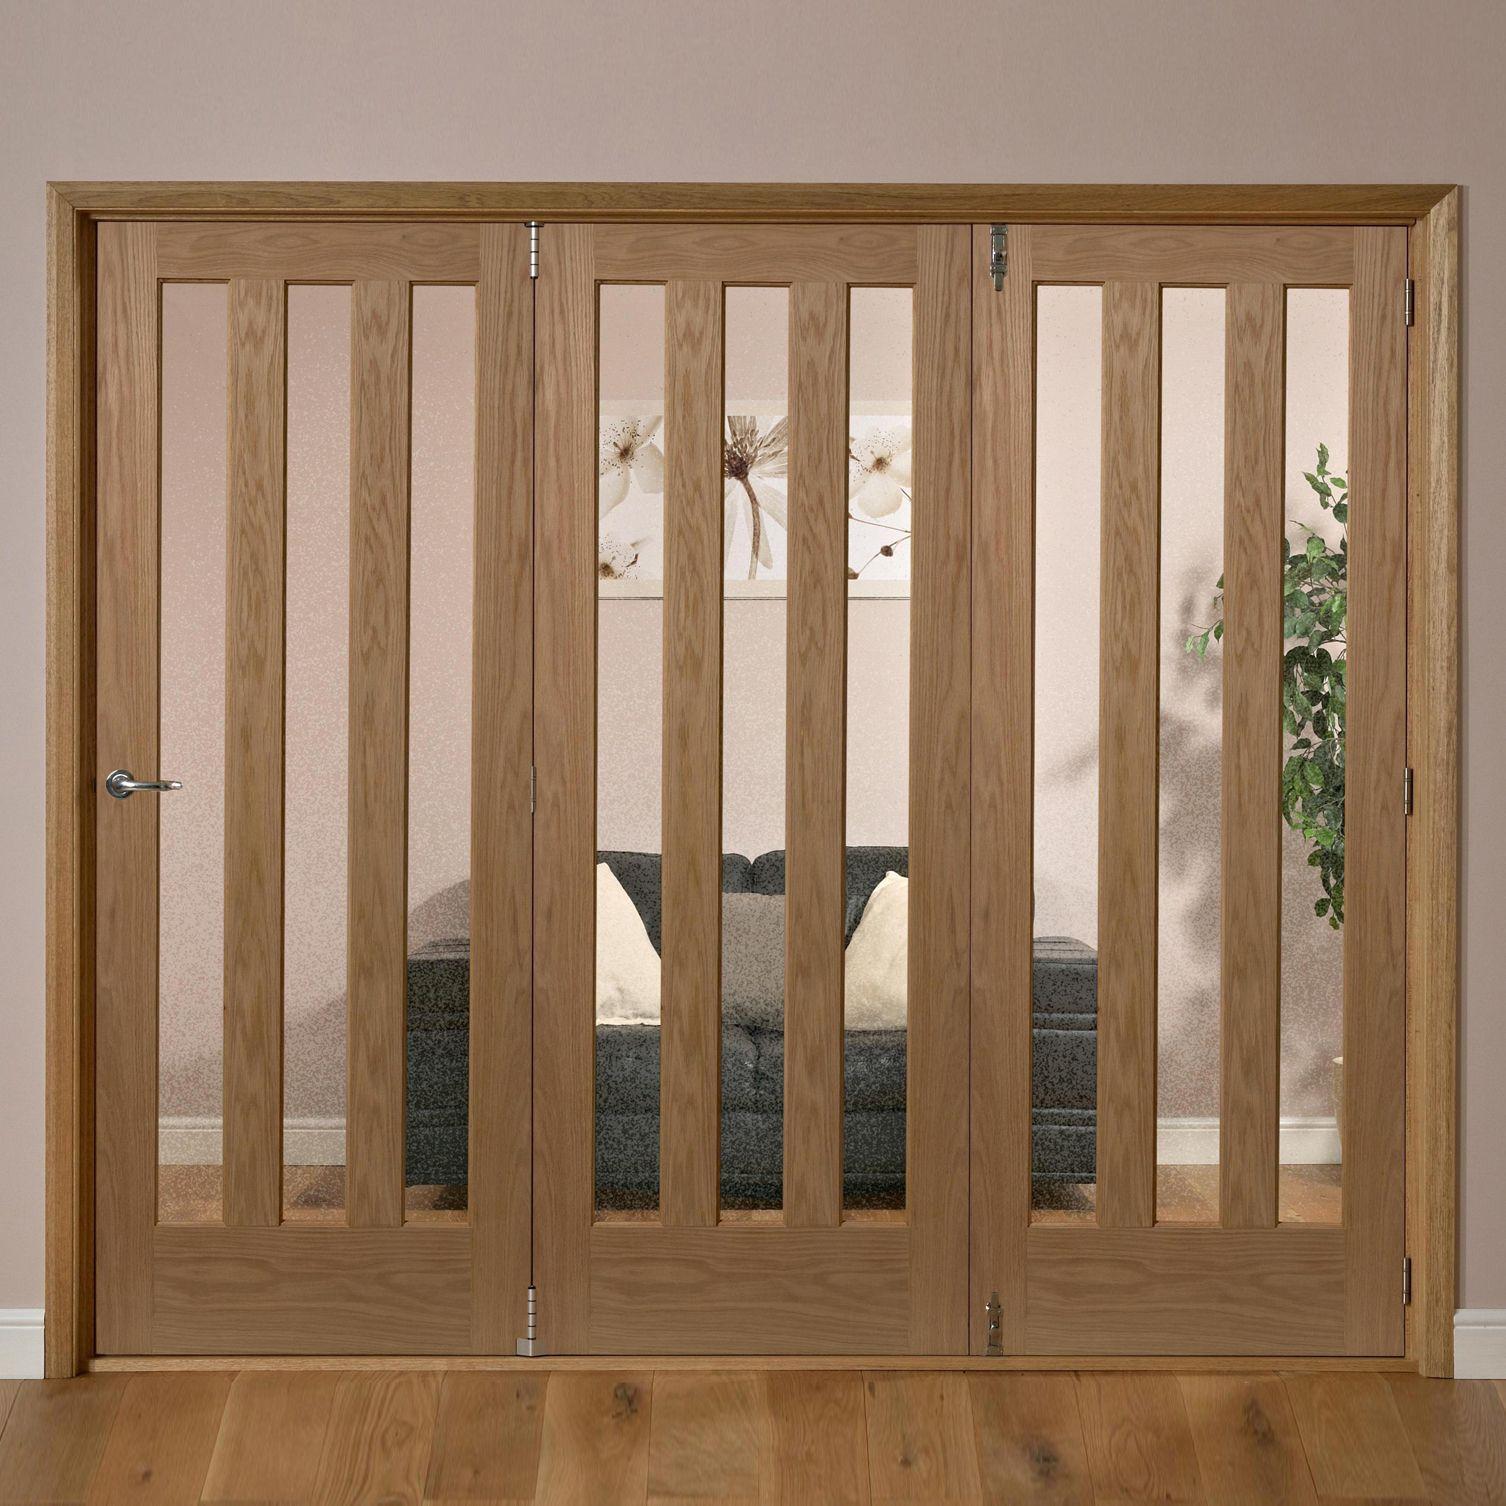 Saxton Vertical 3 Lite Oak Veneer Glazed Internal Folding Door Rh, (h)2035mm (w)2146mm